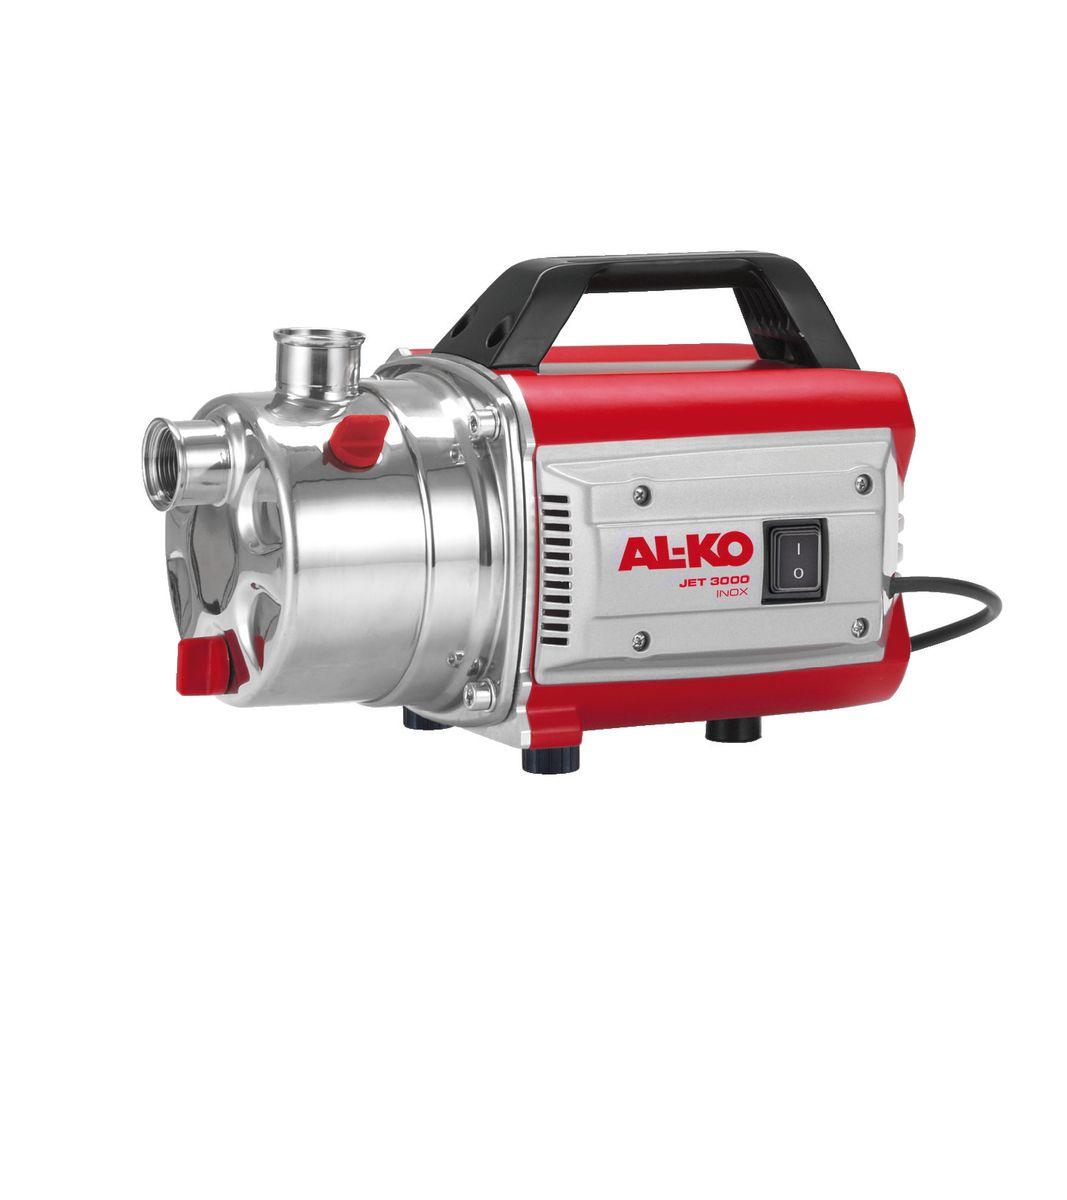 Насос садовый AL-KO JET 3000 Inox Classic112838Садовый насос AL-KO JET 3000 Inox Classic всасывает воду через всасывающий трубопровод и передает ее к выходному отверстию насоса. Он включается и выключается с помощью выключателя. Садовый насос предназначен исключительно для перекачивания следующих жидкостей: осветленная вода, дождевая вода содержащая хлор вода (например, из бассейнов). Устройство оснащено защитным термореле, отключающим насос при перегреве. После периода охлаждения продолжительностью 15-20 минут насос автоматически включается. Садовый насос применяется для: Перекачивания и выкачивания жидкости из резервуаров (например, из плавательных бассейнов). Забора воды из колодцев, бочек с дождевой водой и цистерн. Орошения и полива. Мощность: 650 Вт. Производительность: 3100 л/час. Высота напора: 35 м. Глубина забора воды: 8 м. Максимальное давление: 3,5 бар. Максимальная температура воды: 35°С. Класс защиты: IPX4. Уровень шума: 76 дБ. Диаметр...